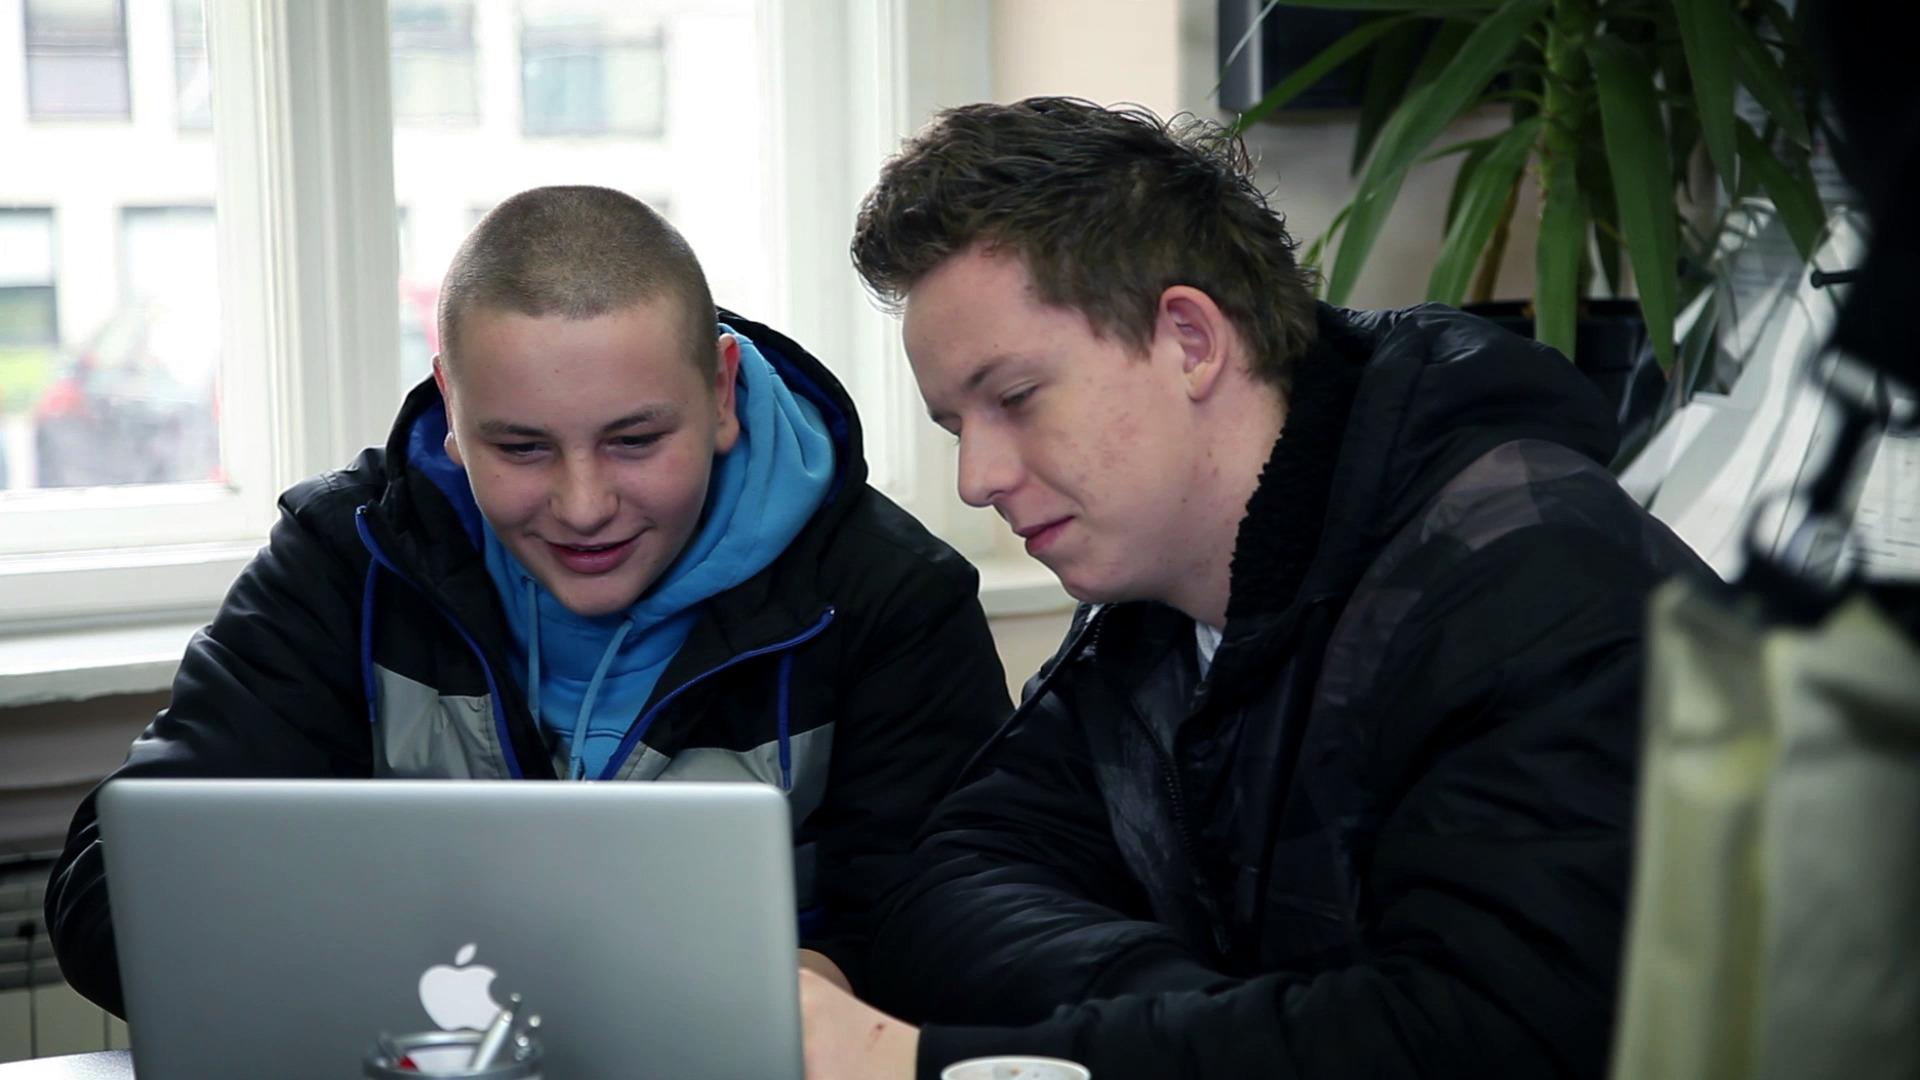 Miljoni uporabnikov uporabljajo družbene medije kot učinkovito komunikacijsko orodje.